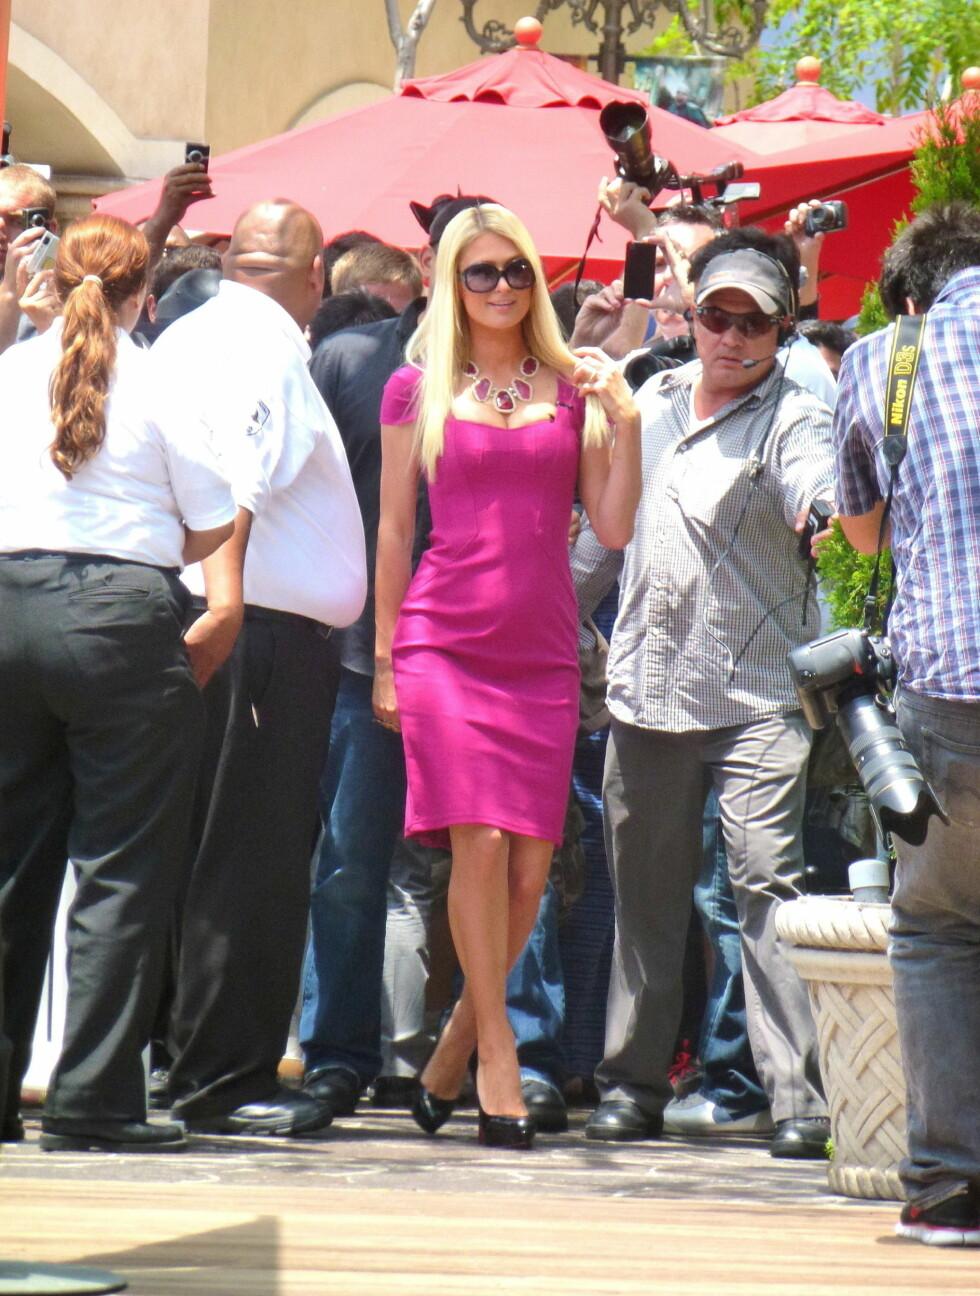 <strong>GLAD:</strong> Paris smilte og var glad på eventen i LA i går, men ble senere sett prøve å dekke til kulen med hendene under TV-intervju.  Foto: Visual Press Agency